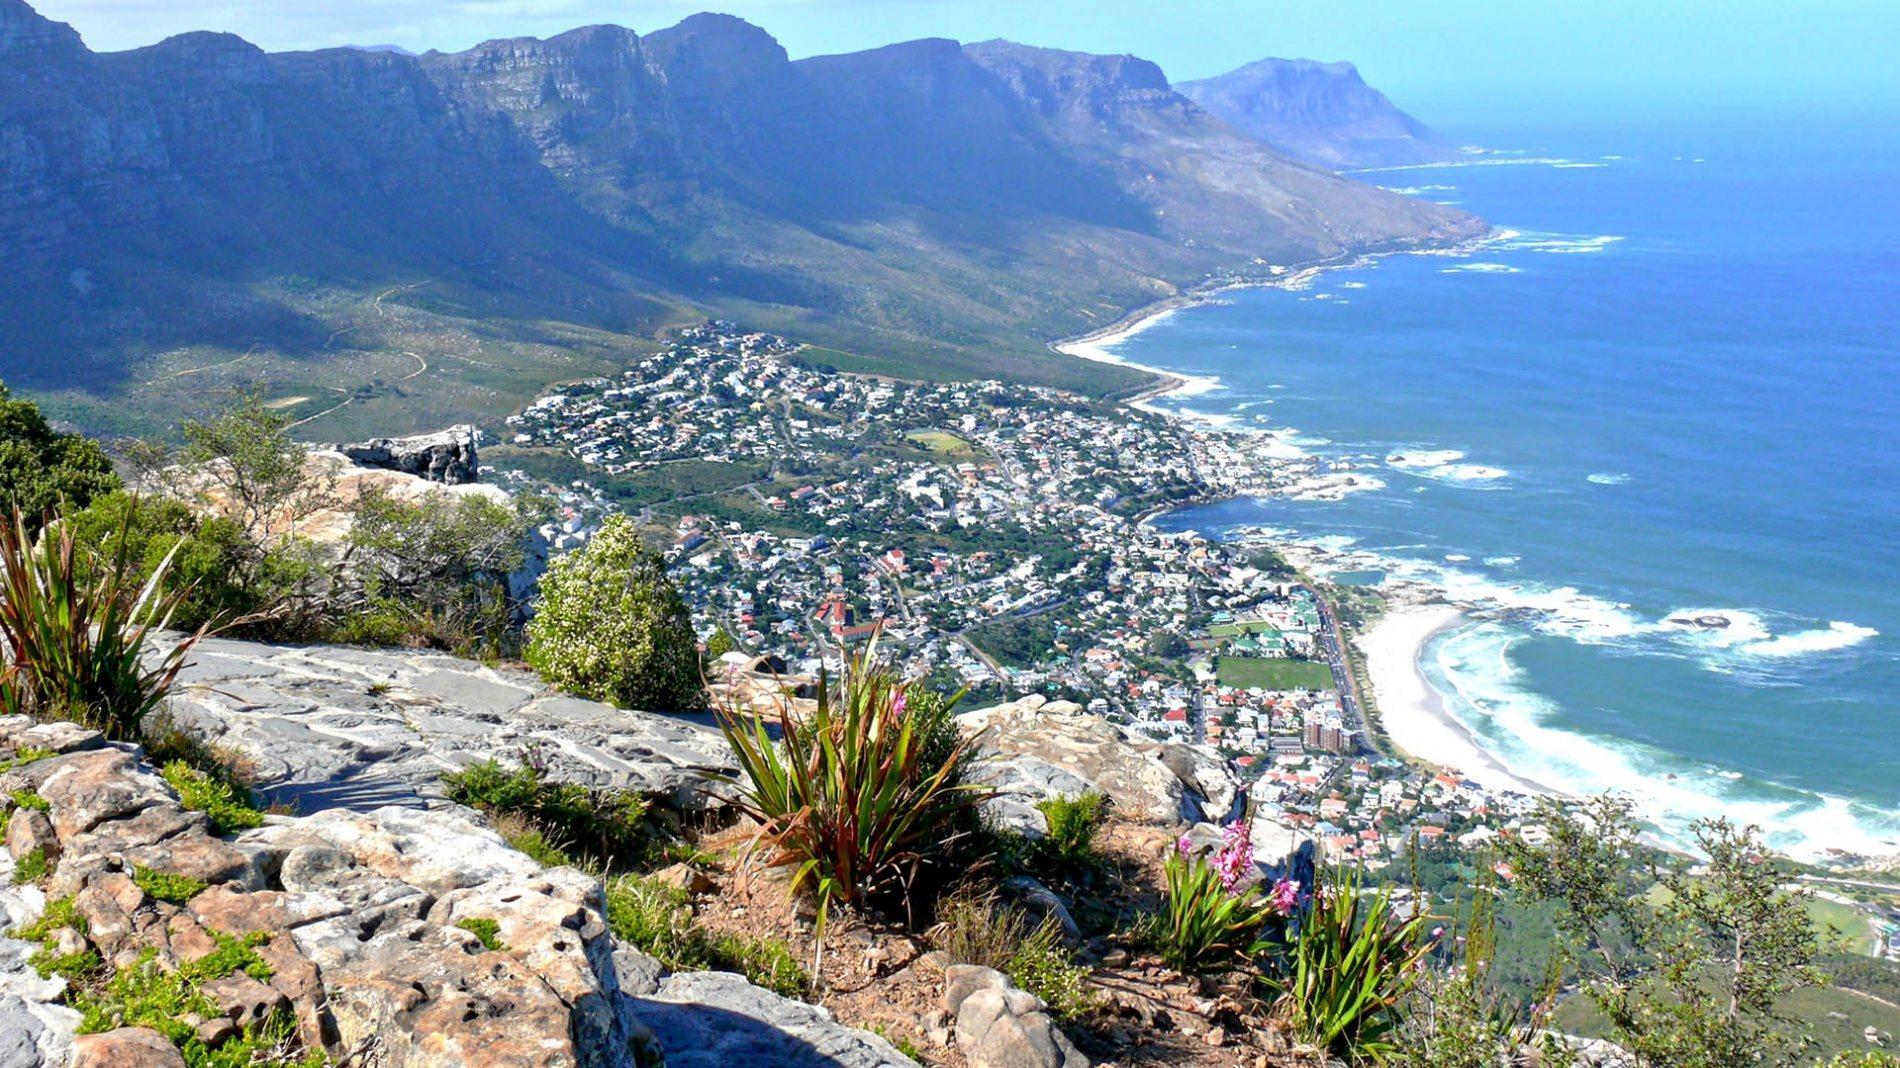 Cashing in on Cape luxury market